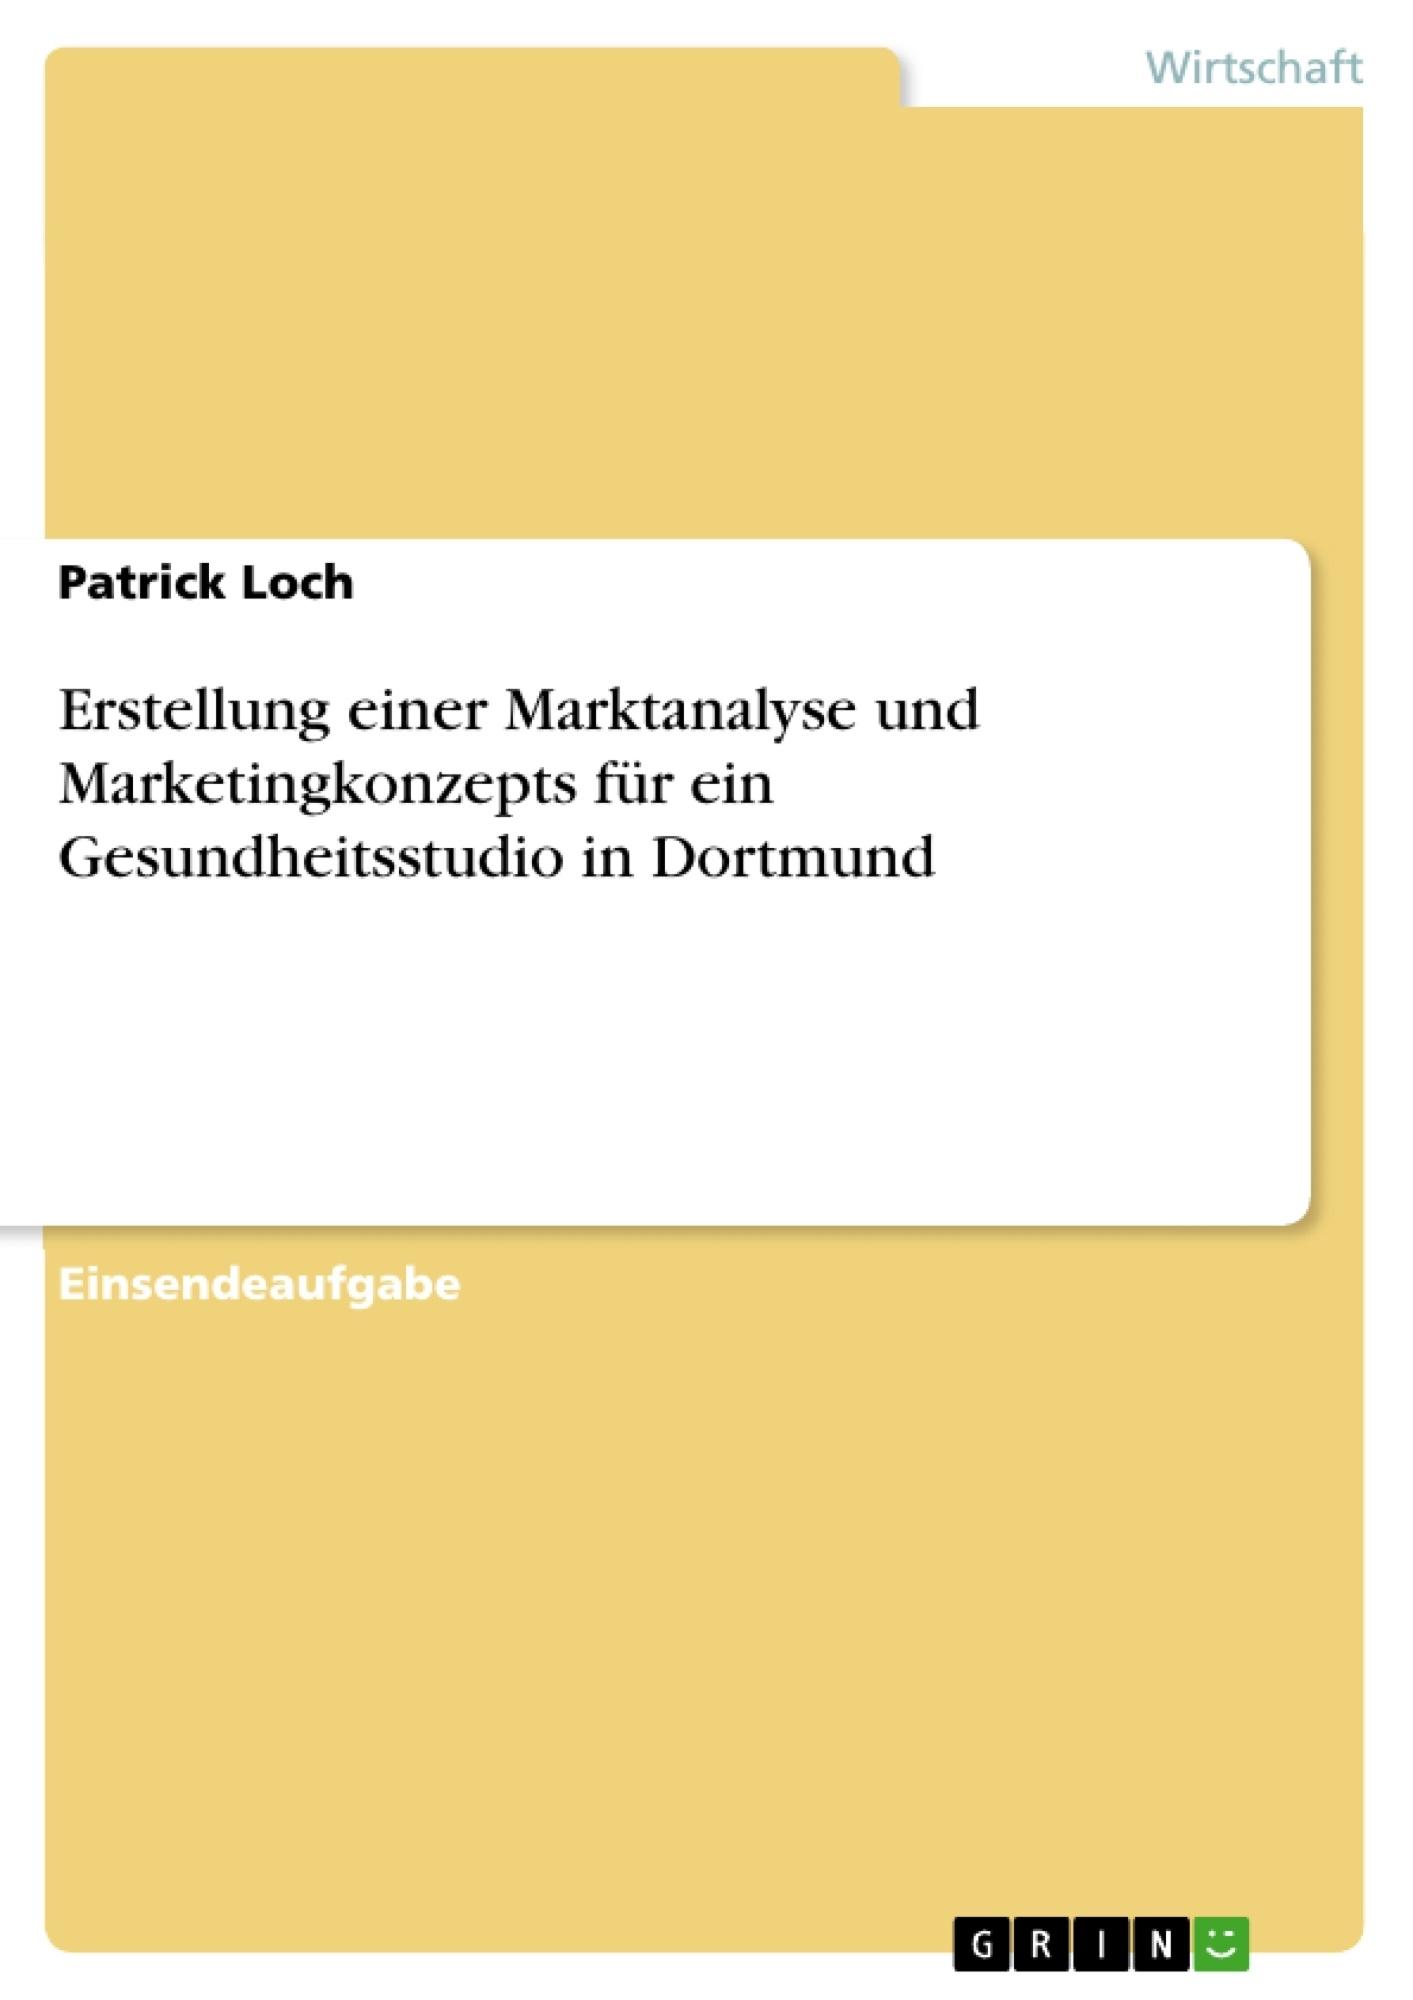 Titel: Erstellung einer Marktanalyse und Marketingkonzepts für ein Gesundheitsstudio in Dortmund